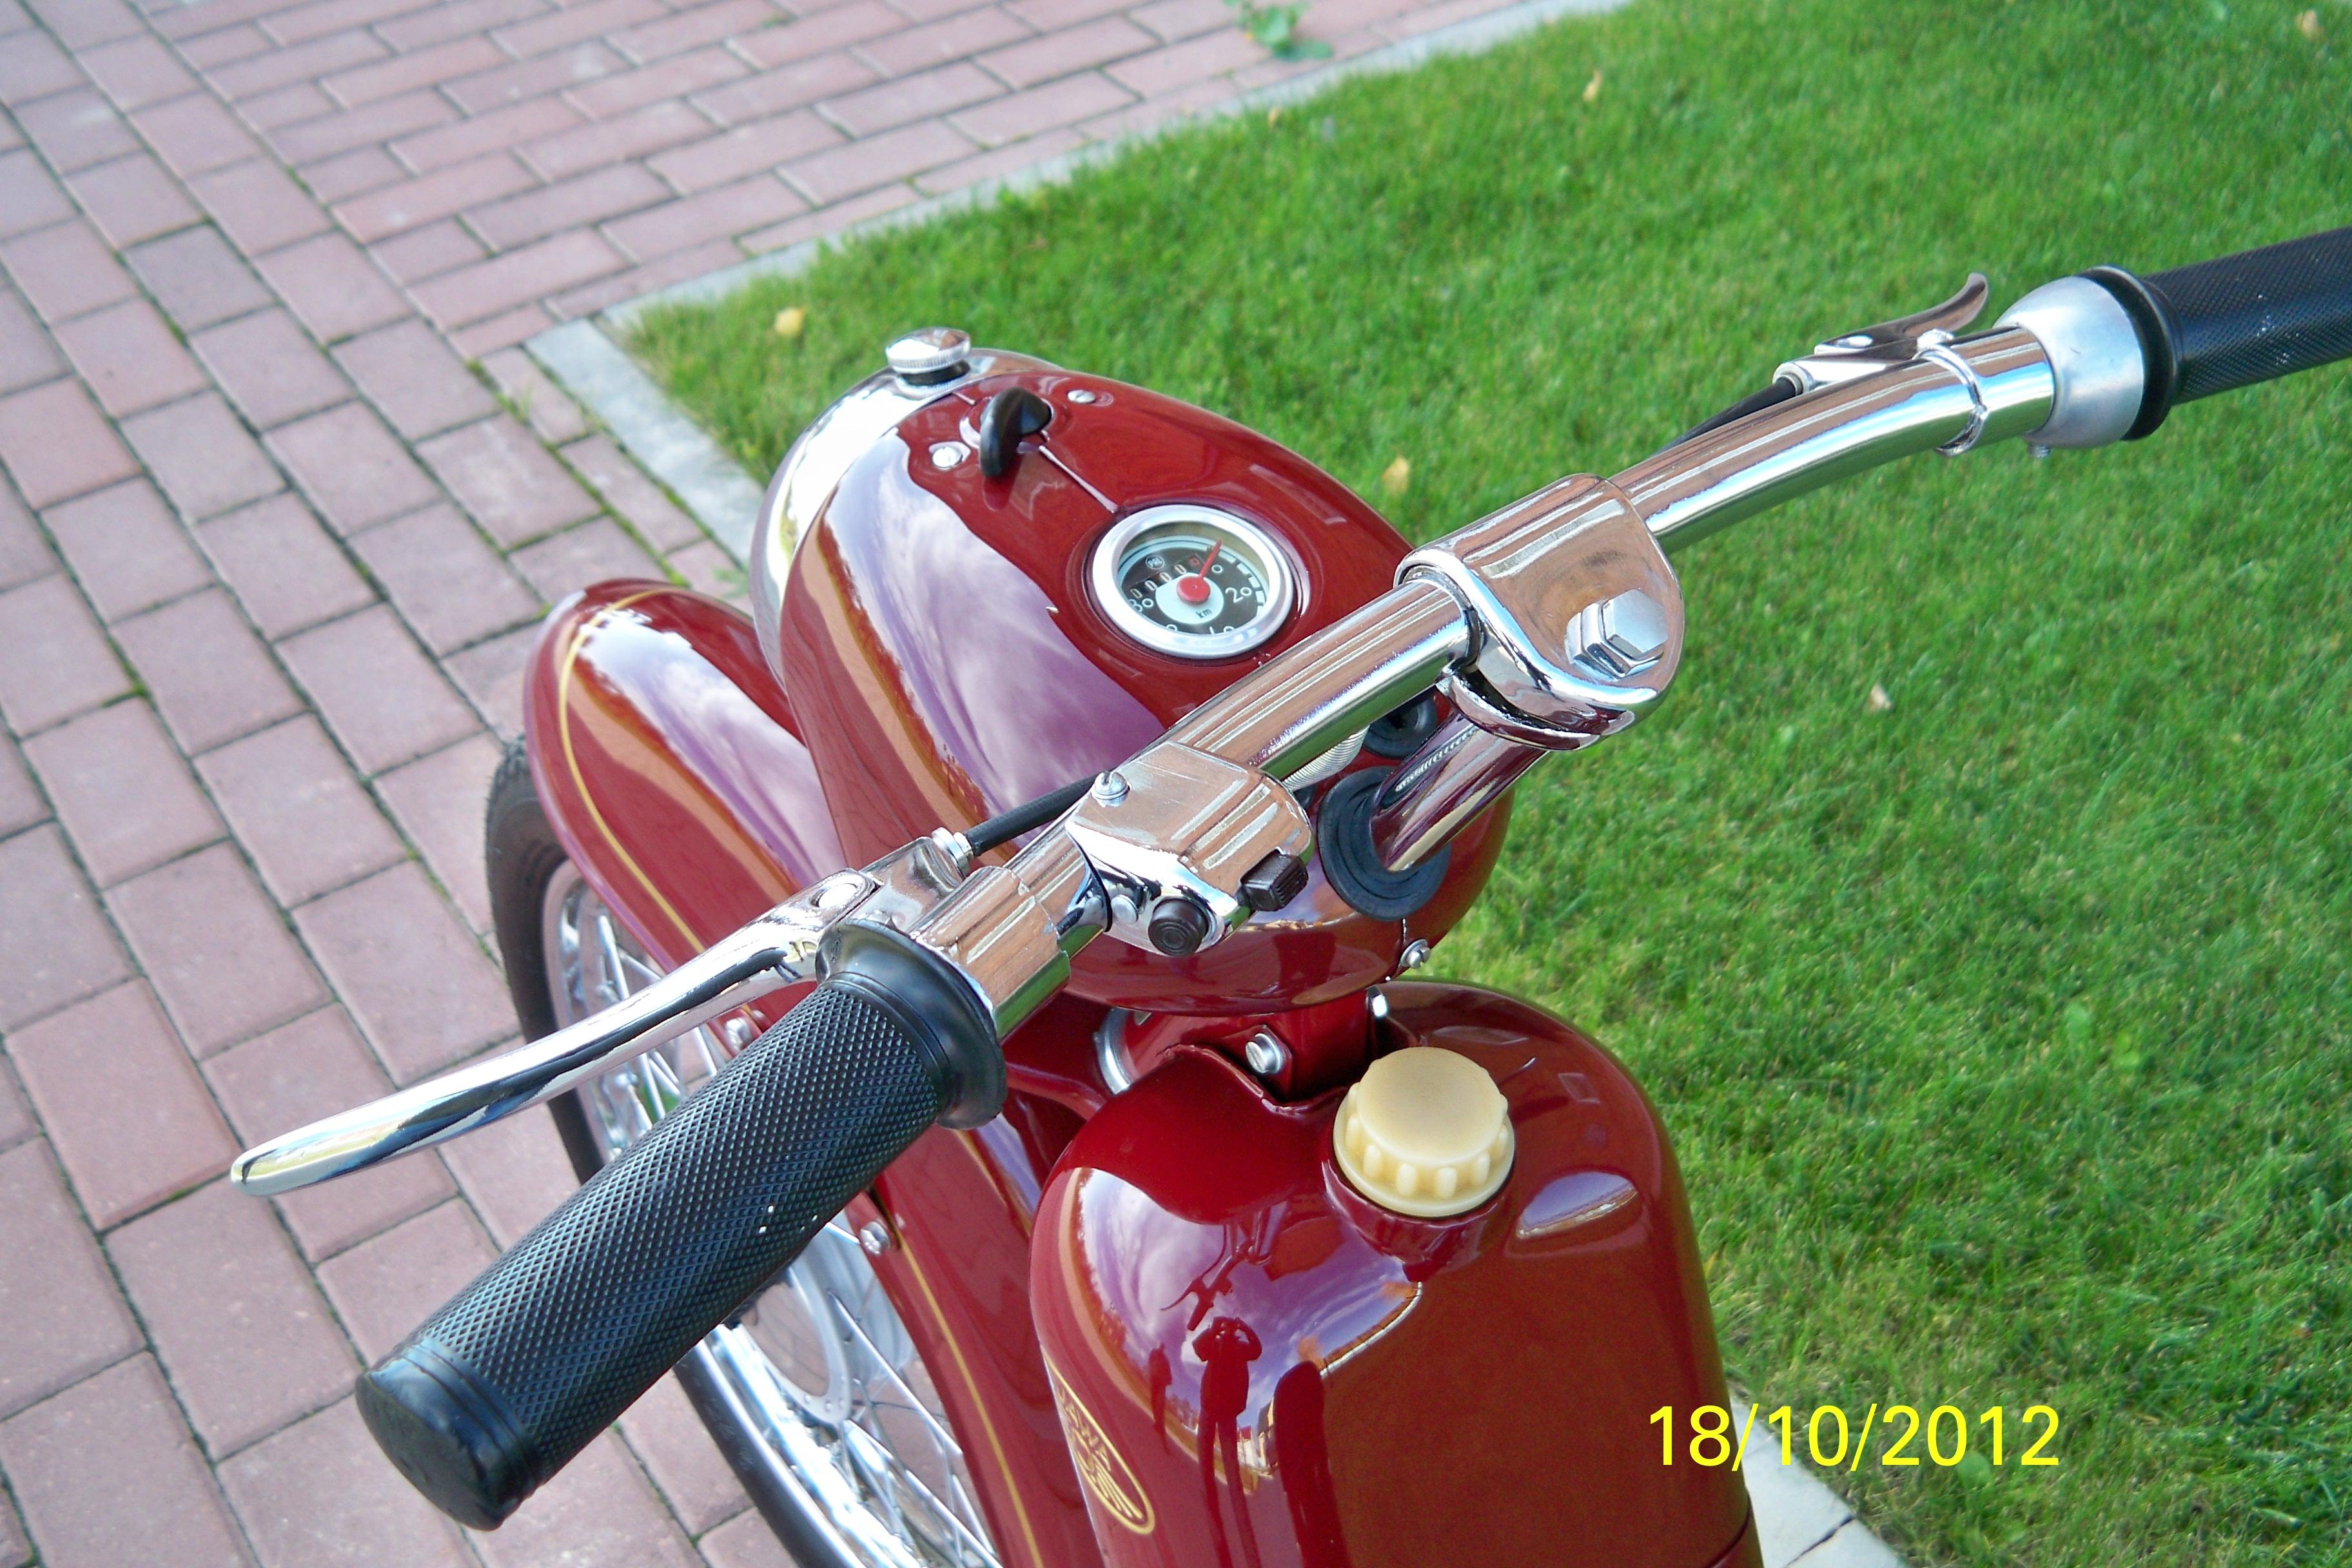 www.bildites.lv/images/2iznep7h2t0s1bukoy2.jpg